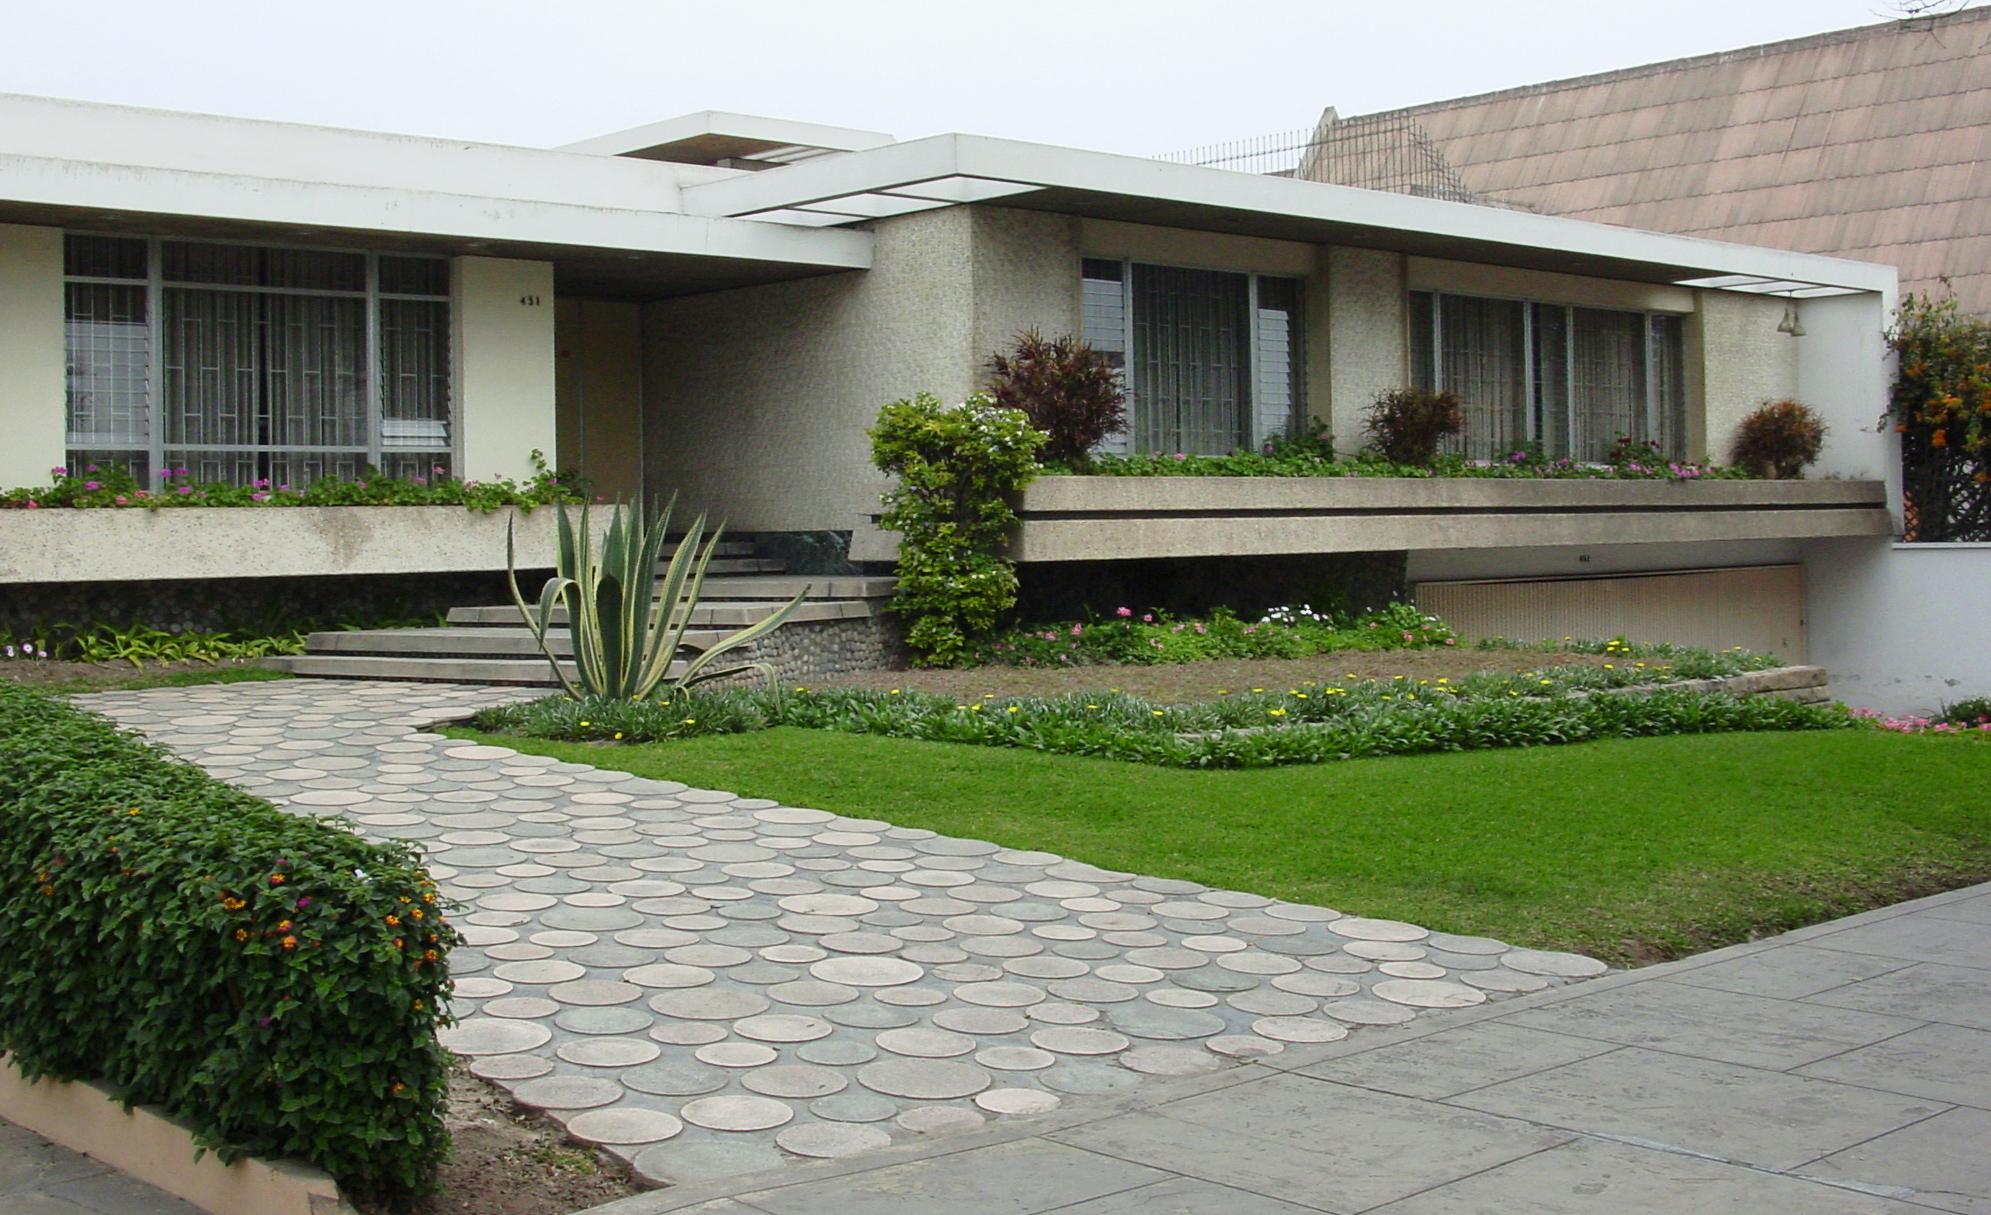 Alfredo baertl montori viviendas seleccionadas 1957 for Casas modernas lima